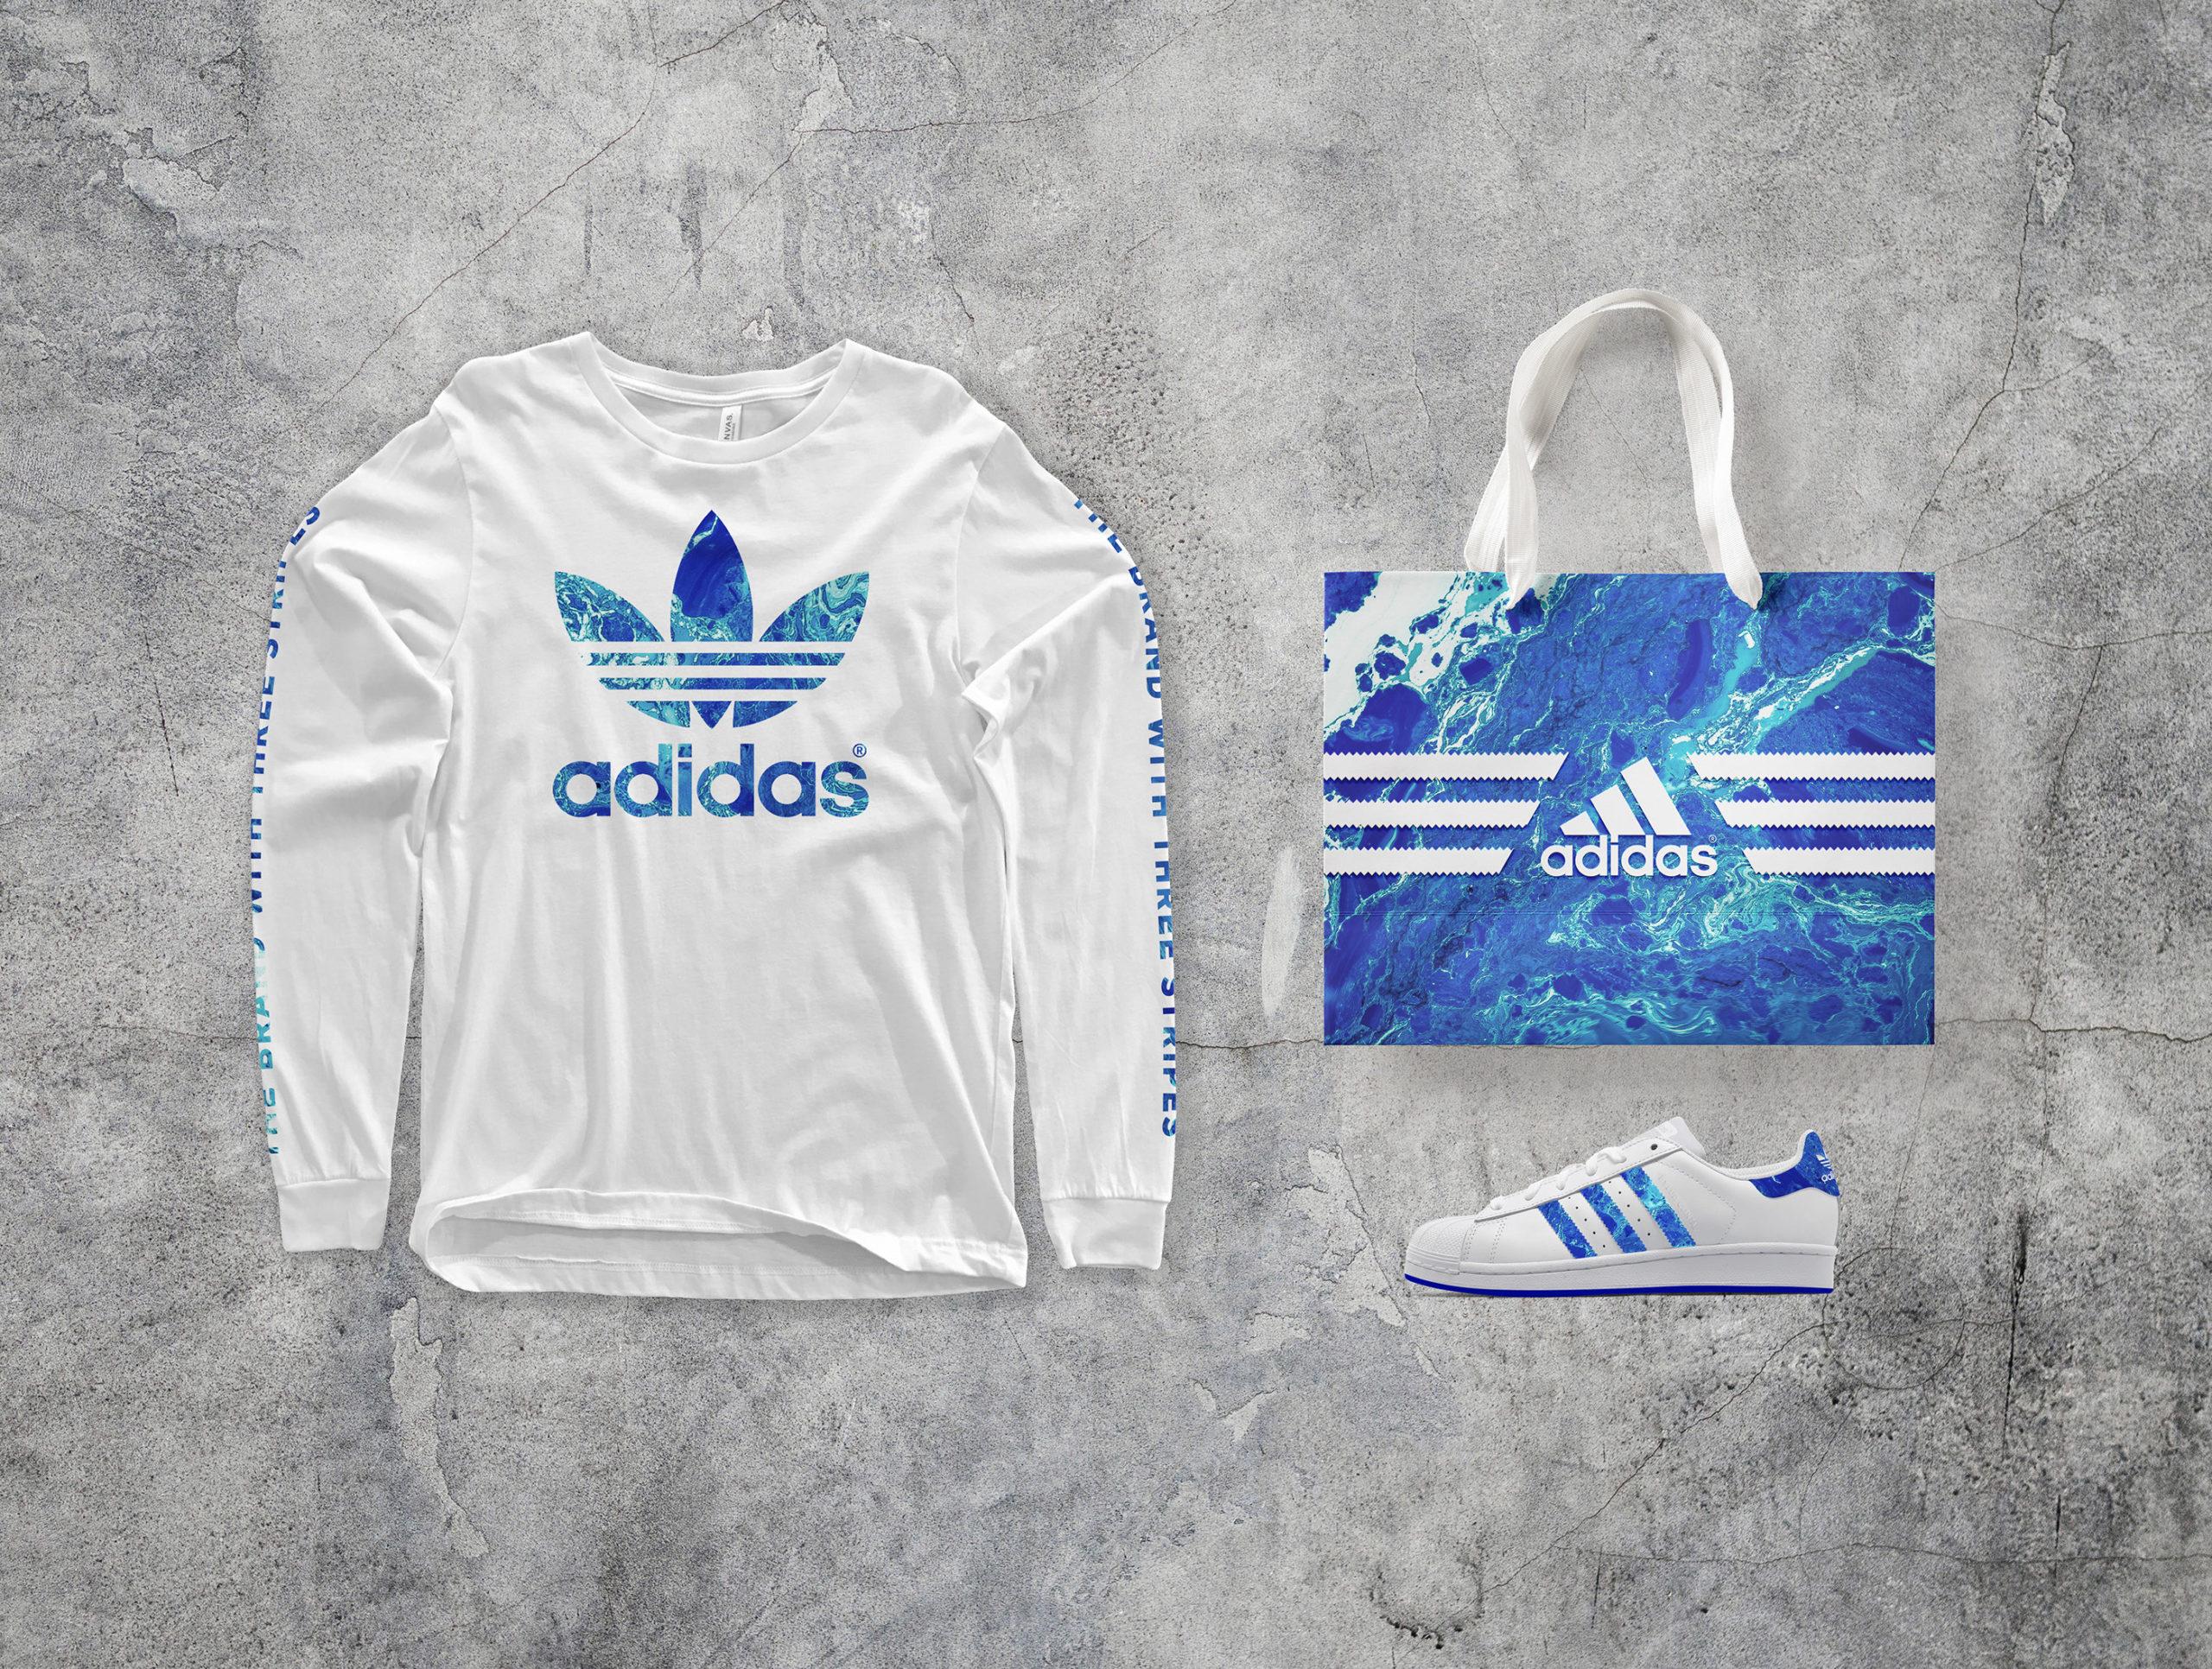 одежда и кроссовки Adidas